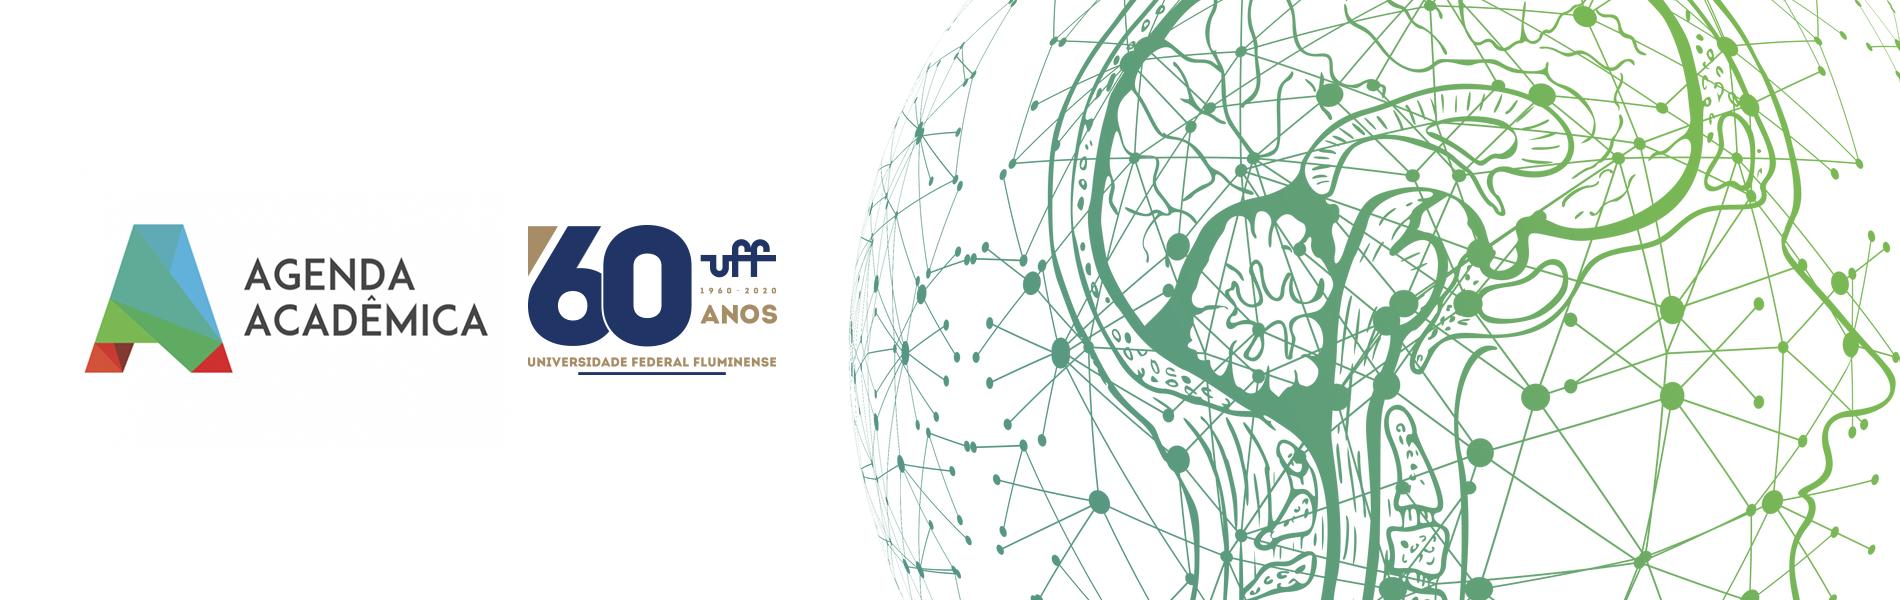 desenho de uma cabeça de perfil cheia de conexões e dos logos da agenda acadêmica e dos 60 anos da UFF